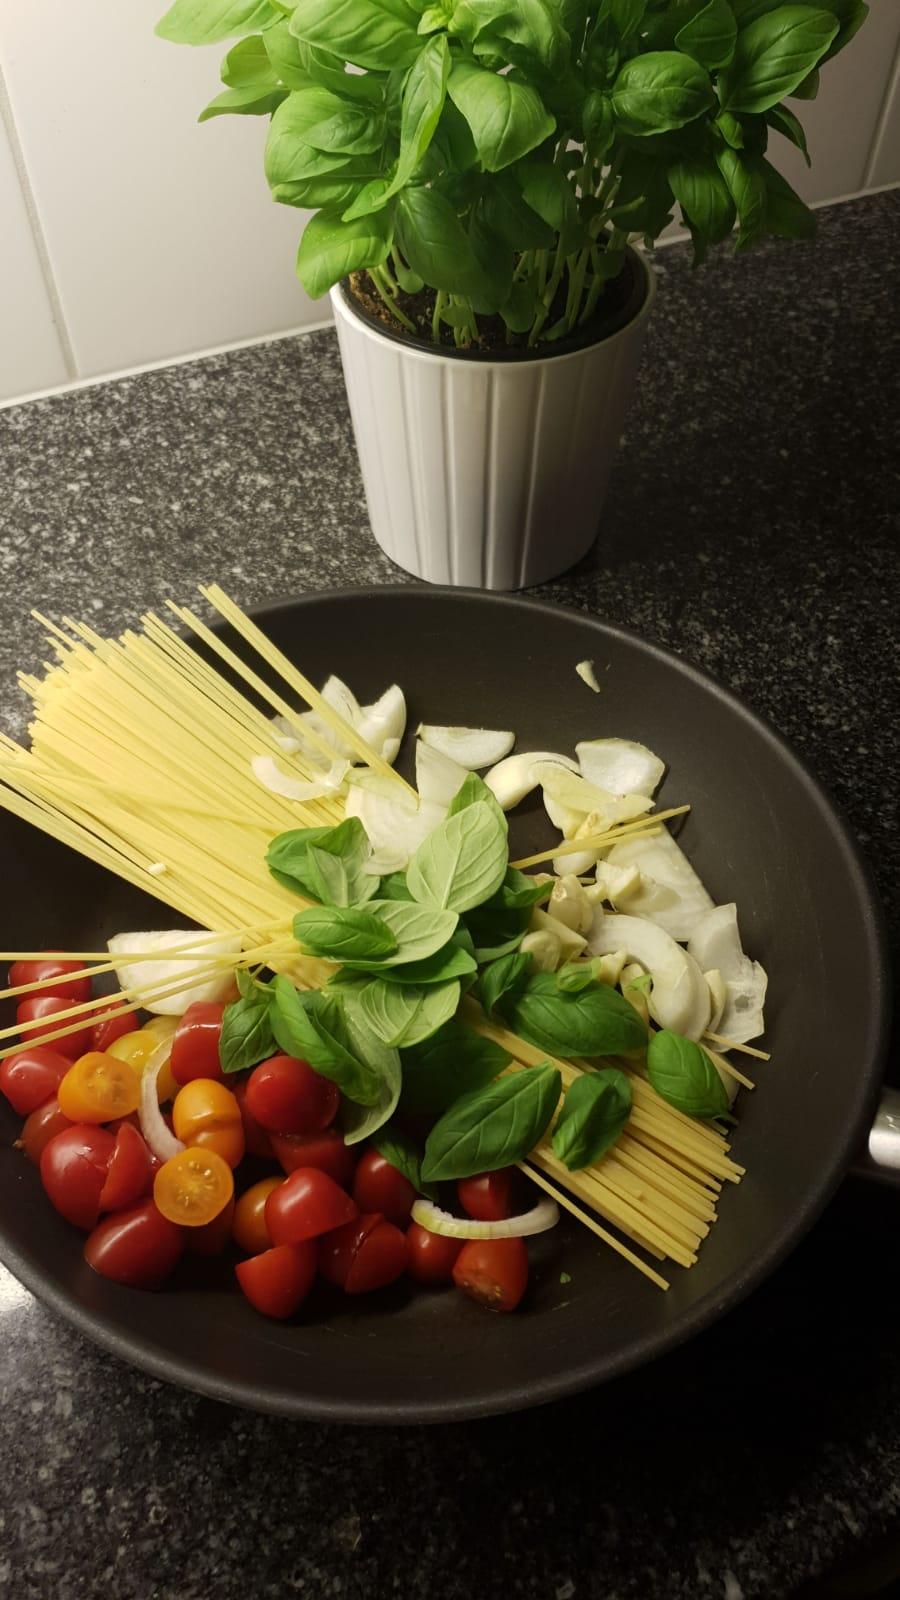 https://foodloader.net/xSh_2018-08-04_Spaghetti.jpg